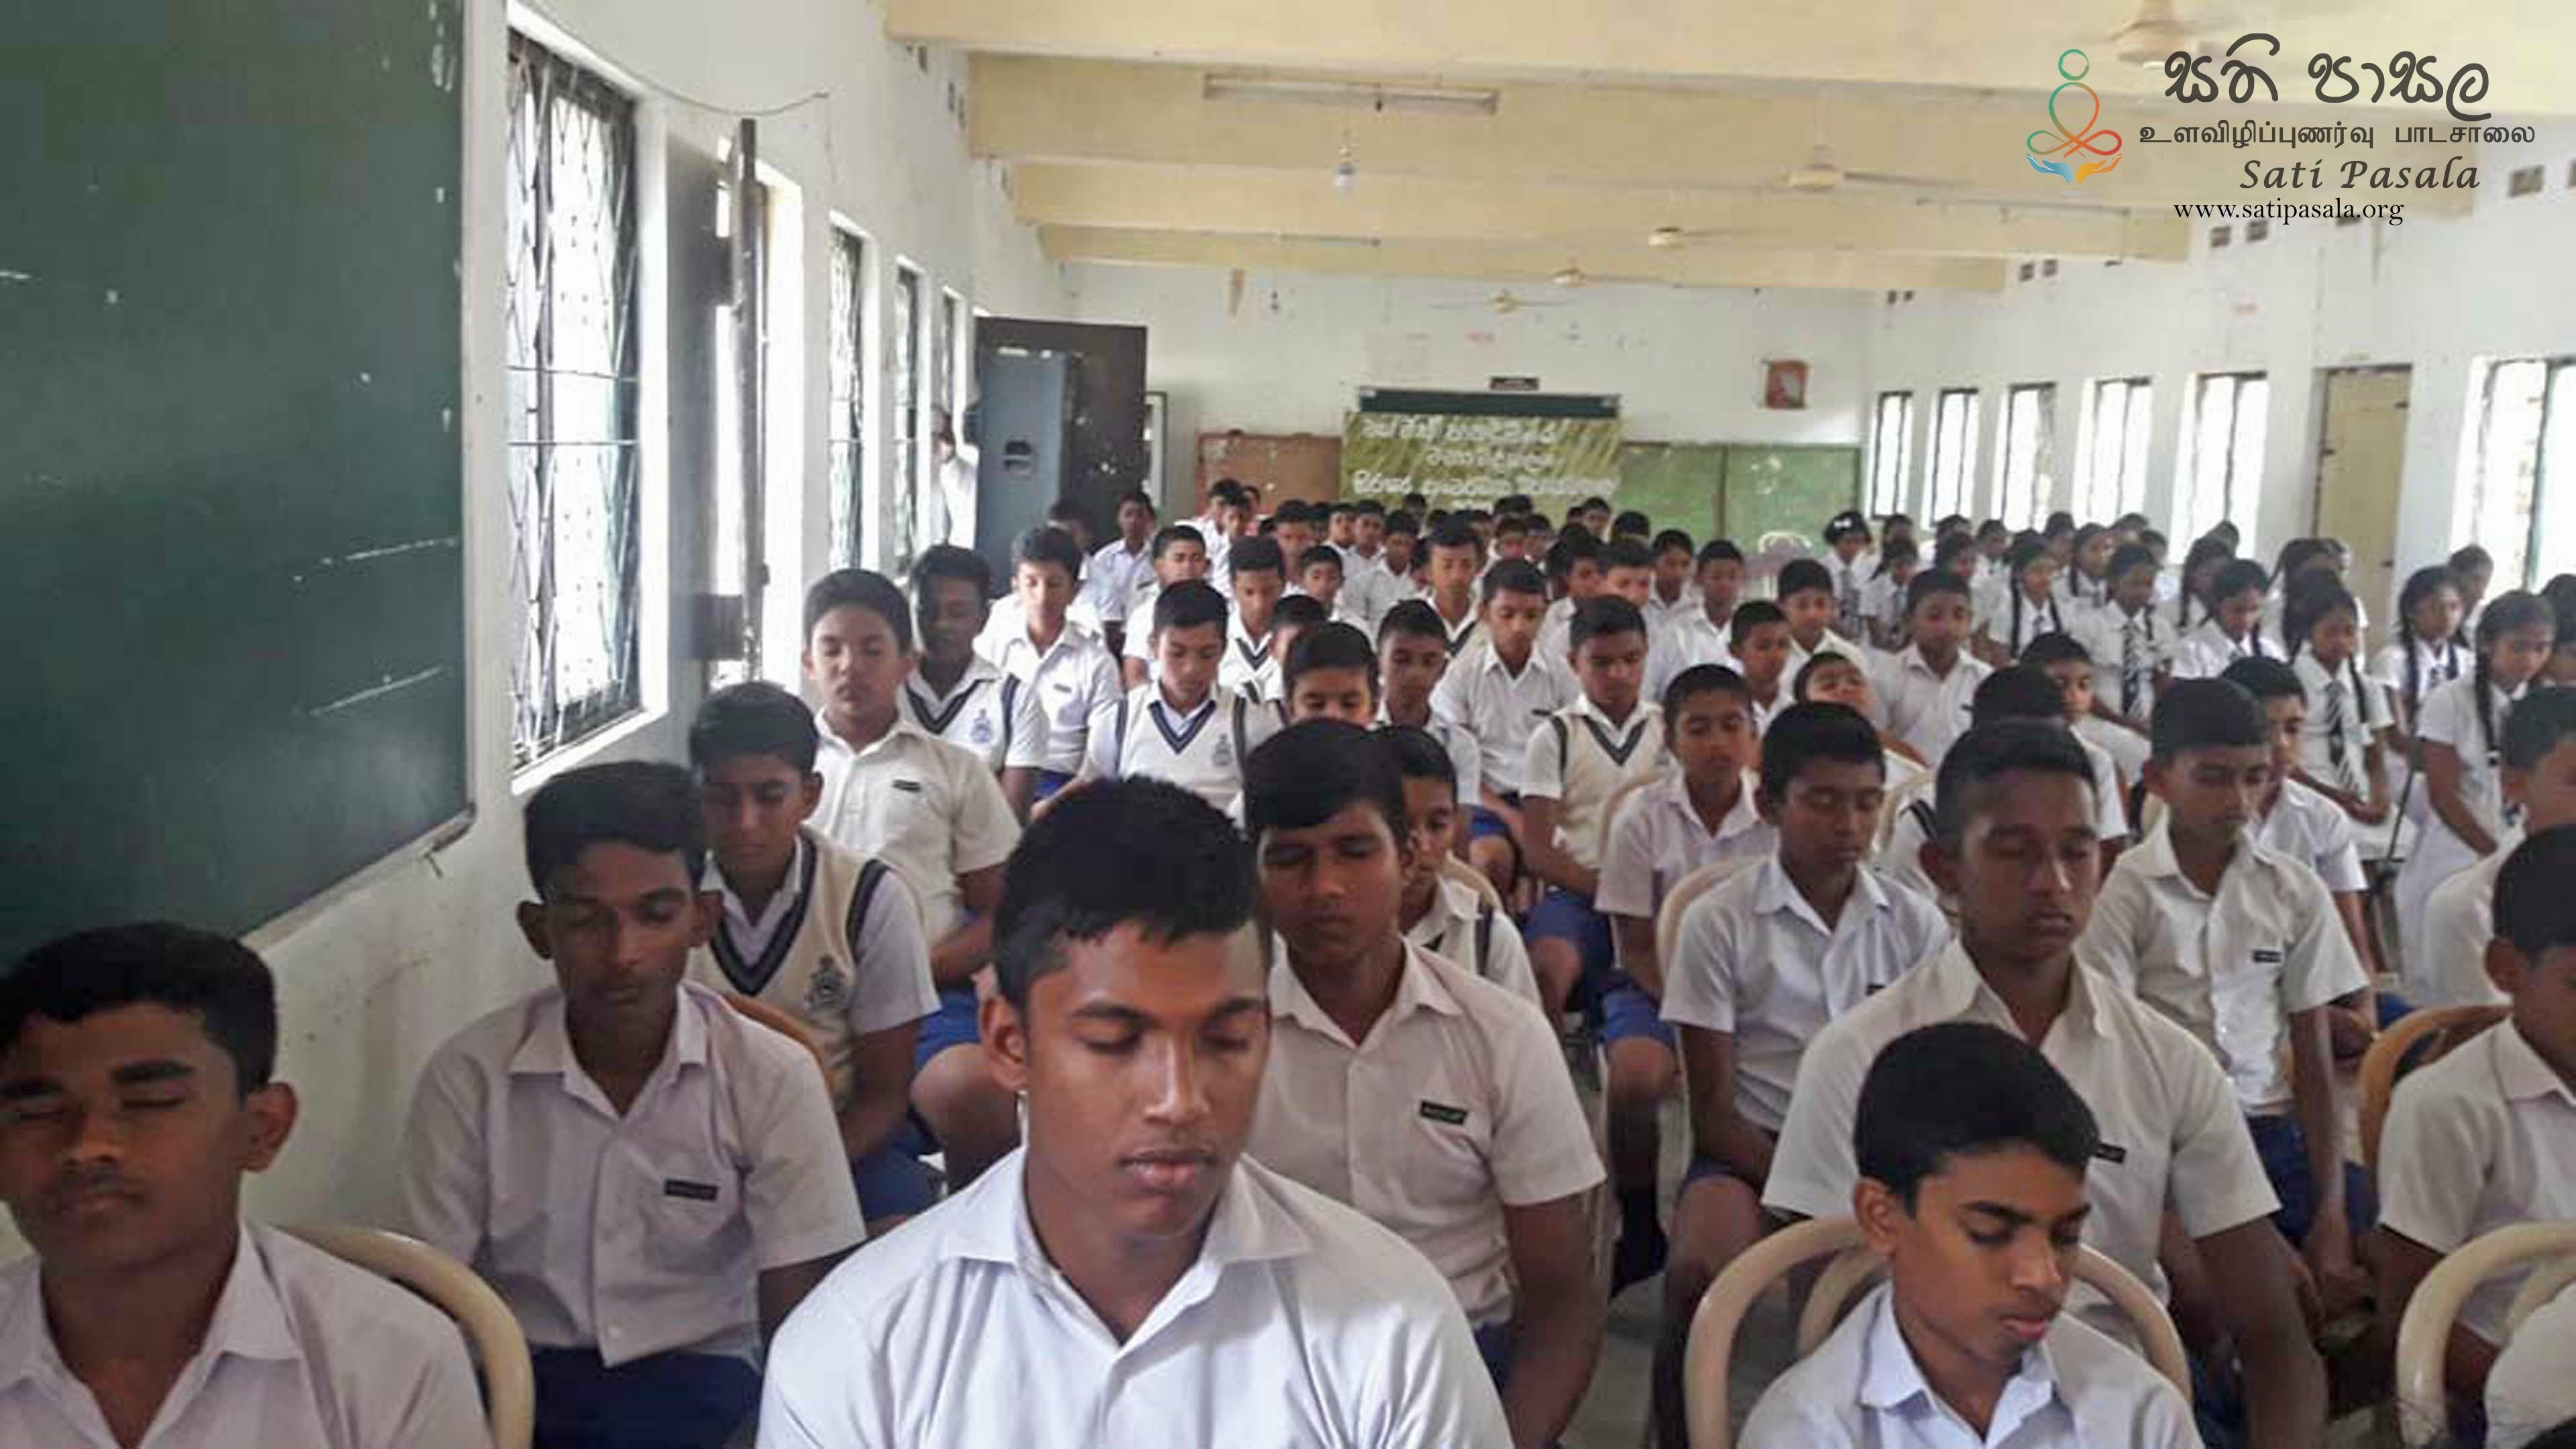 Sati Pasala Programme at Walala Paathadumbara Maha Vidyalaya, Walala, Menikhinna